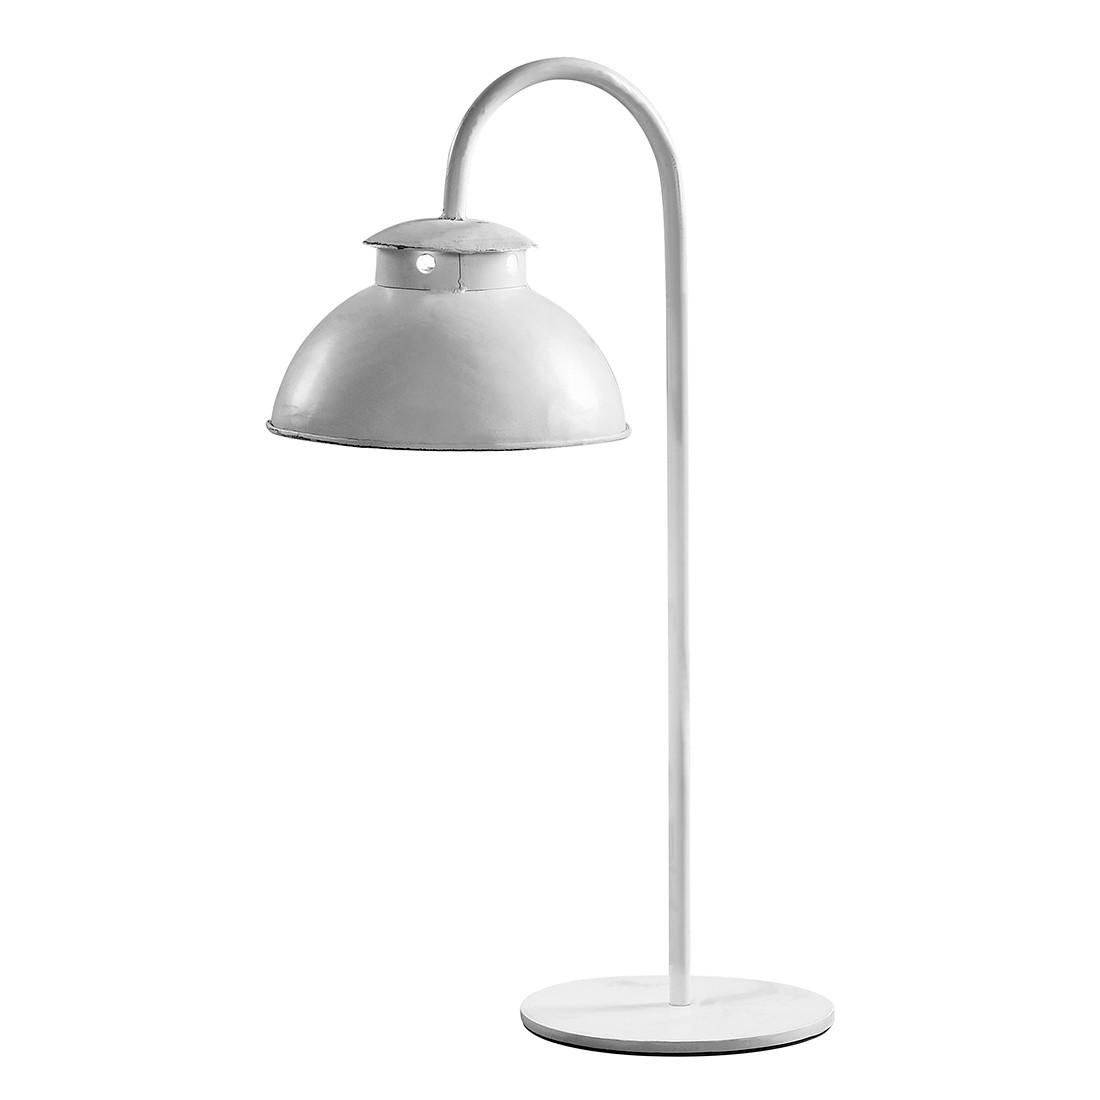 energie  A++, Tafellamp Tema by Julià - metaal 1 lichtbron, Morteens